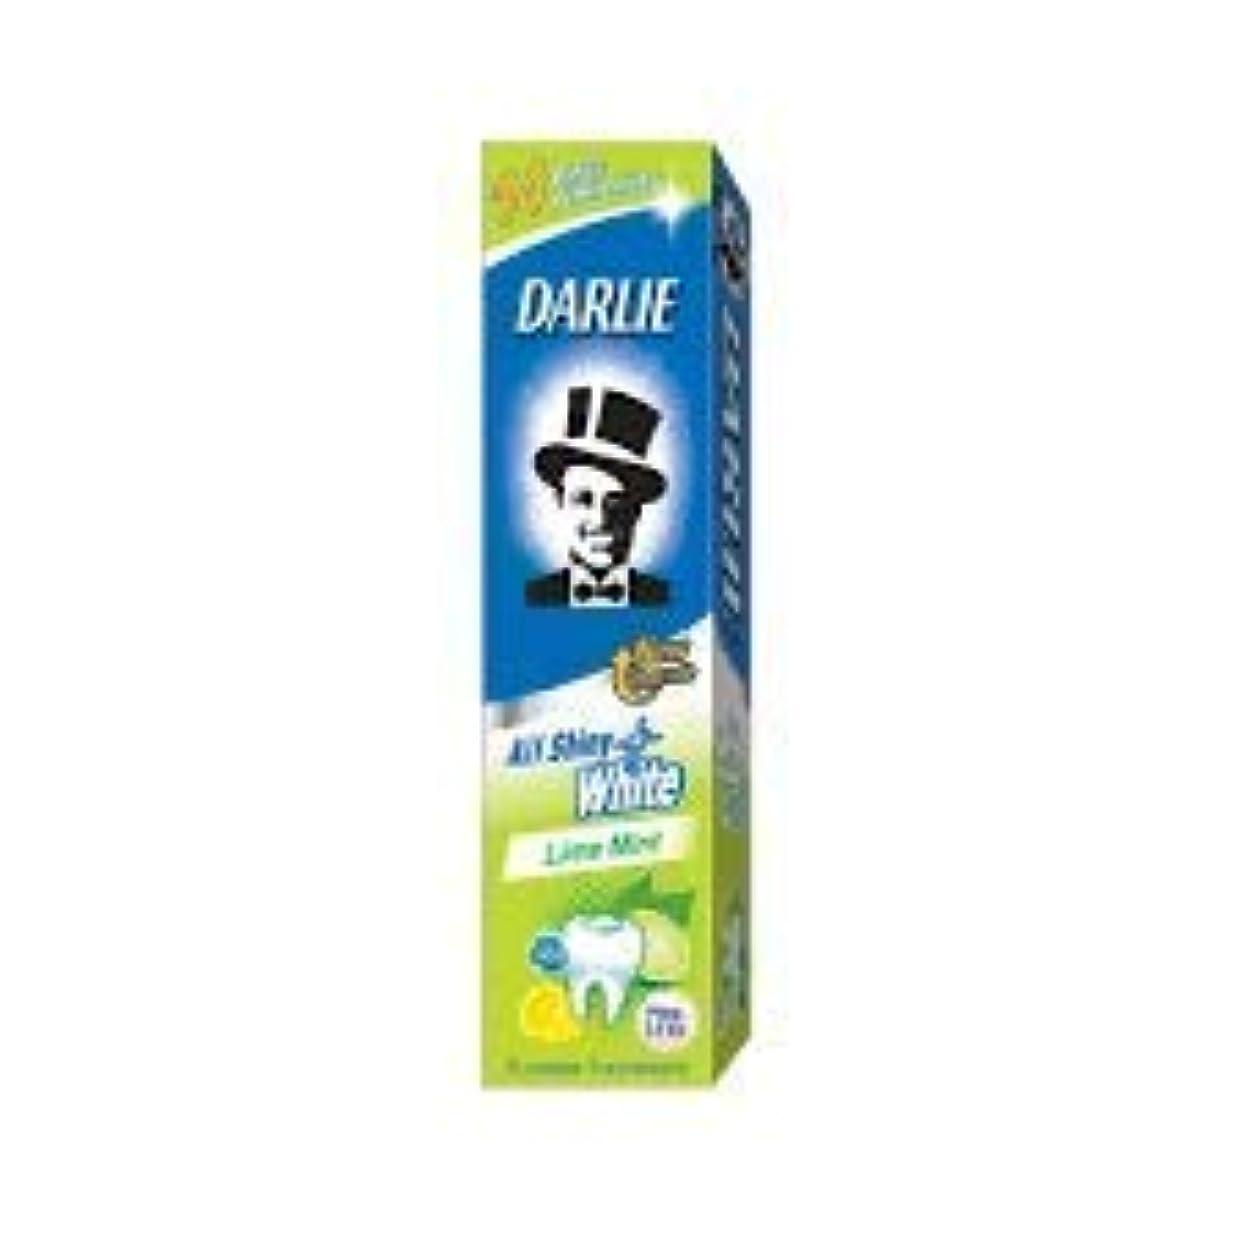 前兆光景血色の良いDARLIE 歯磨き粉すべての光沢のあるホワイトライムミント140g - 虫歯と戦い、歯を保護するフッ化物を含みます